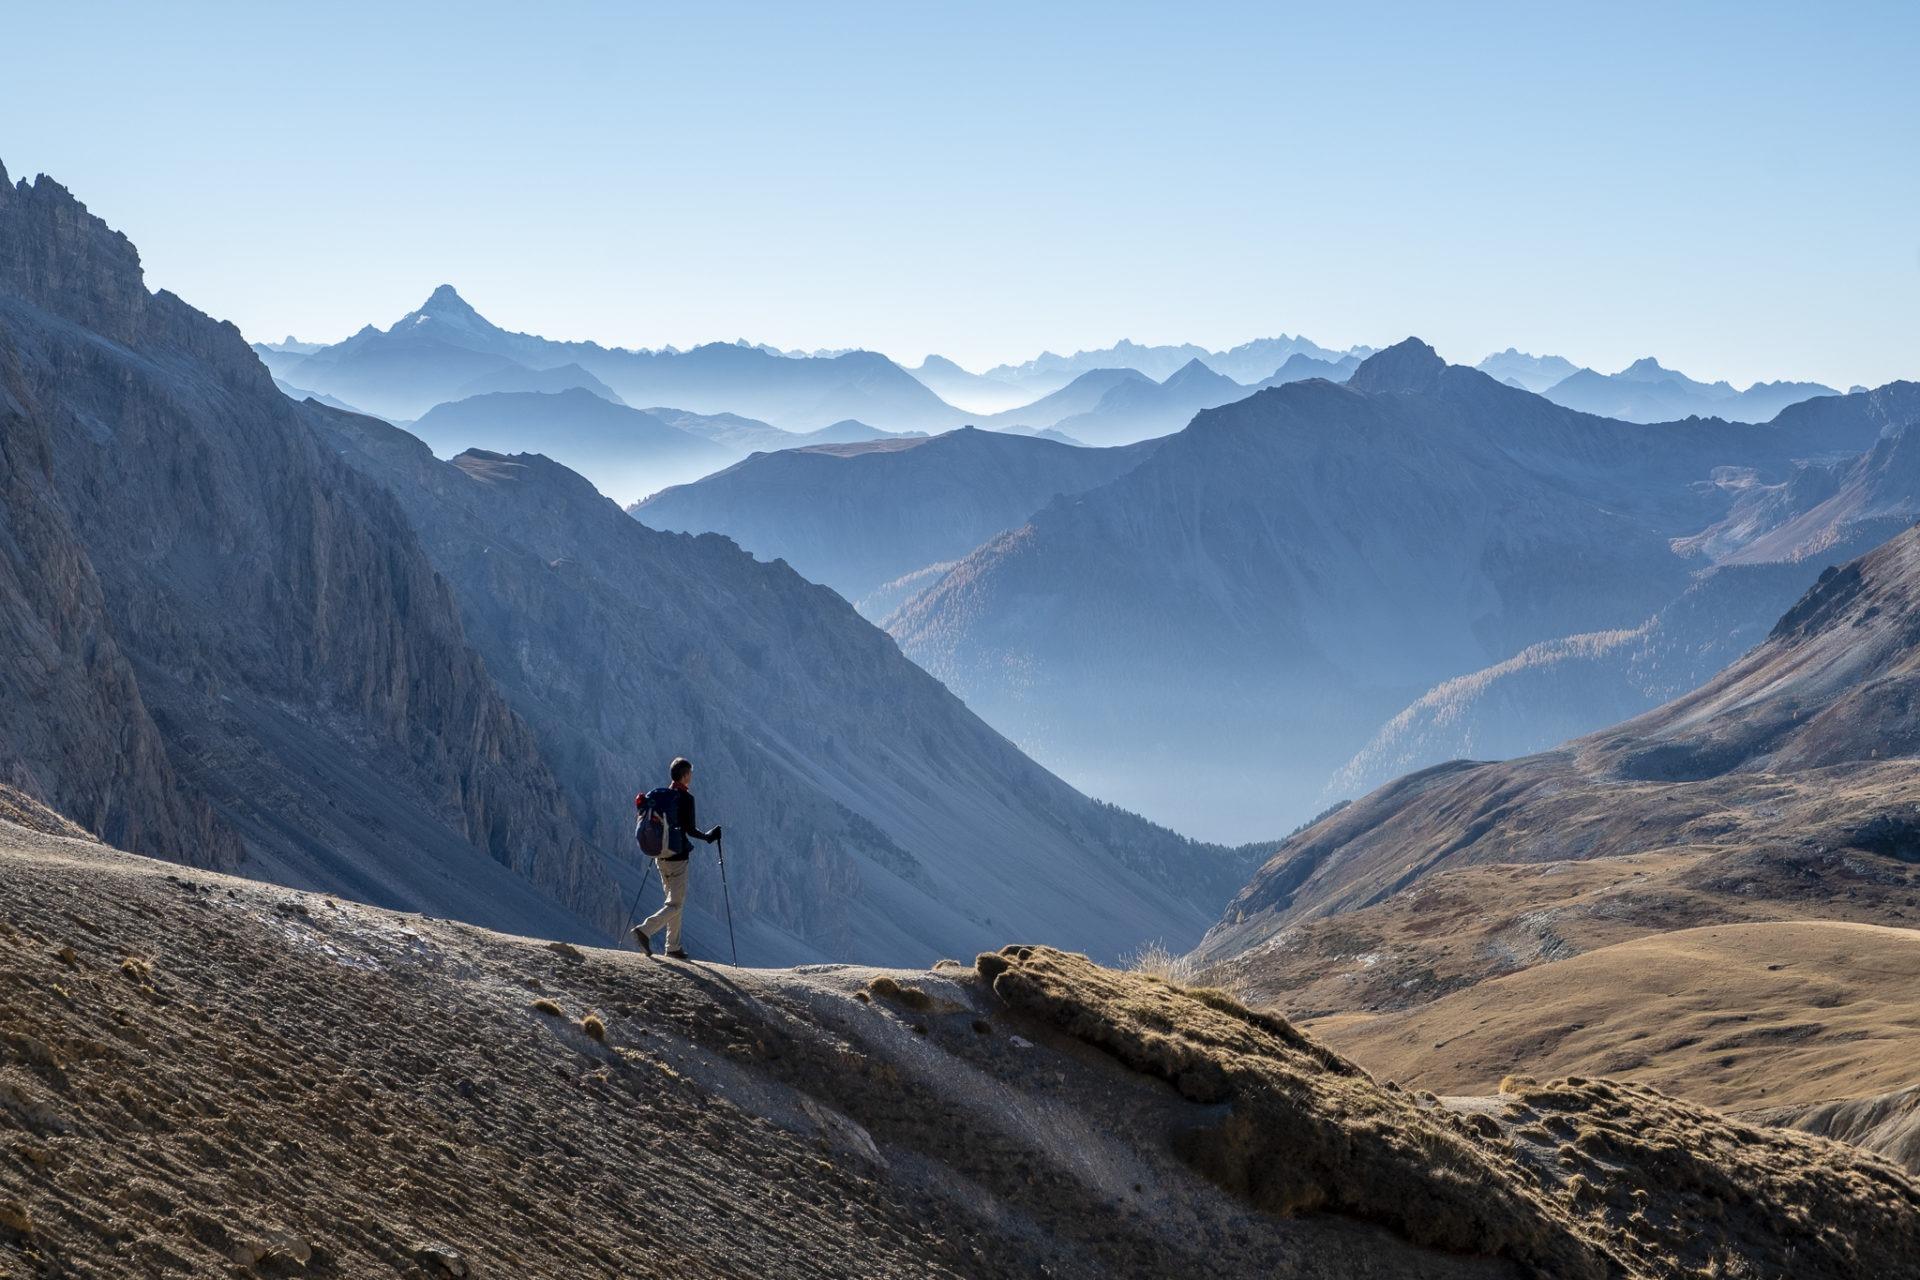 randonnée Hautes Alpes, tour des cerces